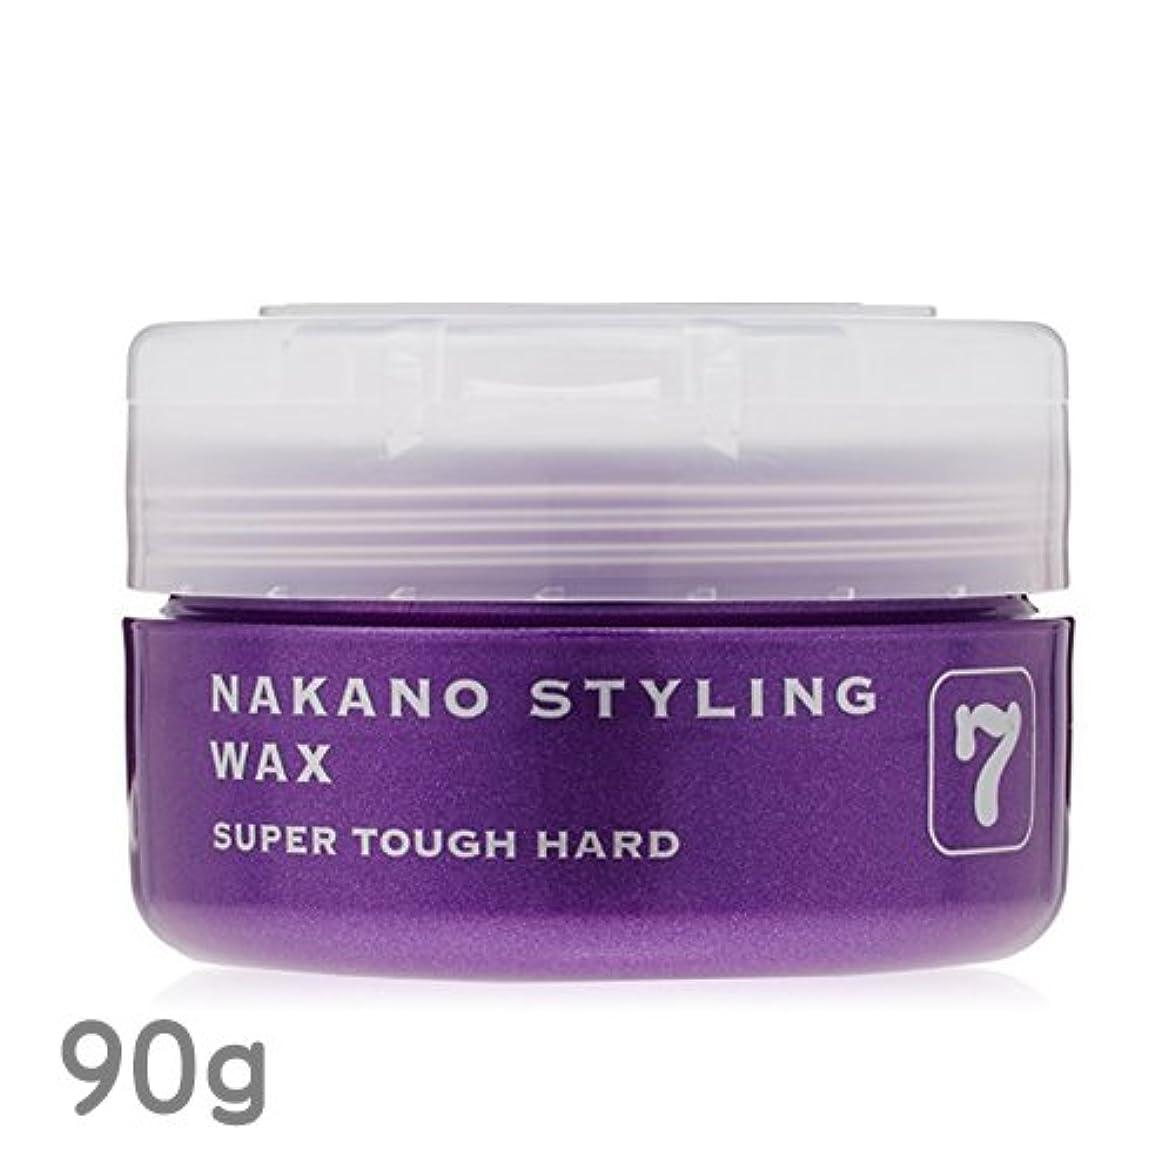 ペルソナ承認する音声学ナカノ スタイリングワックス 7 スーパータフハード 90g 中野製薬 NAKANO